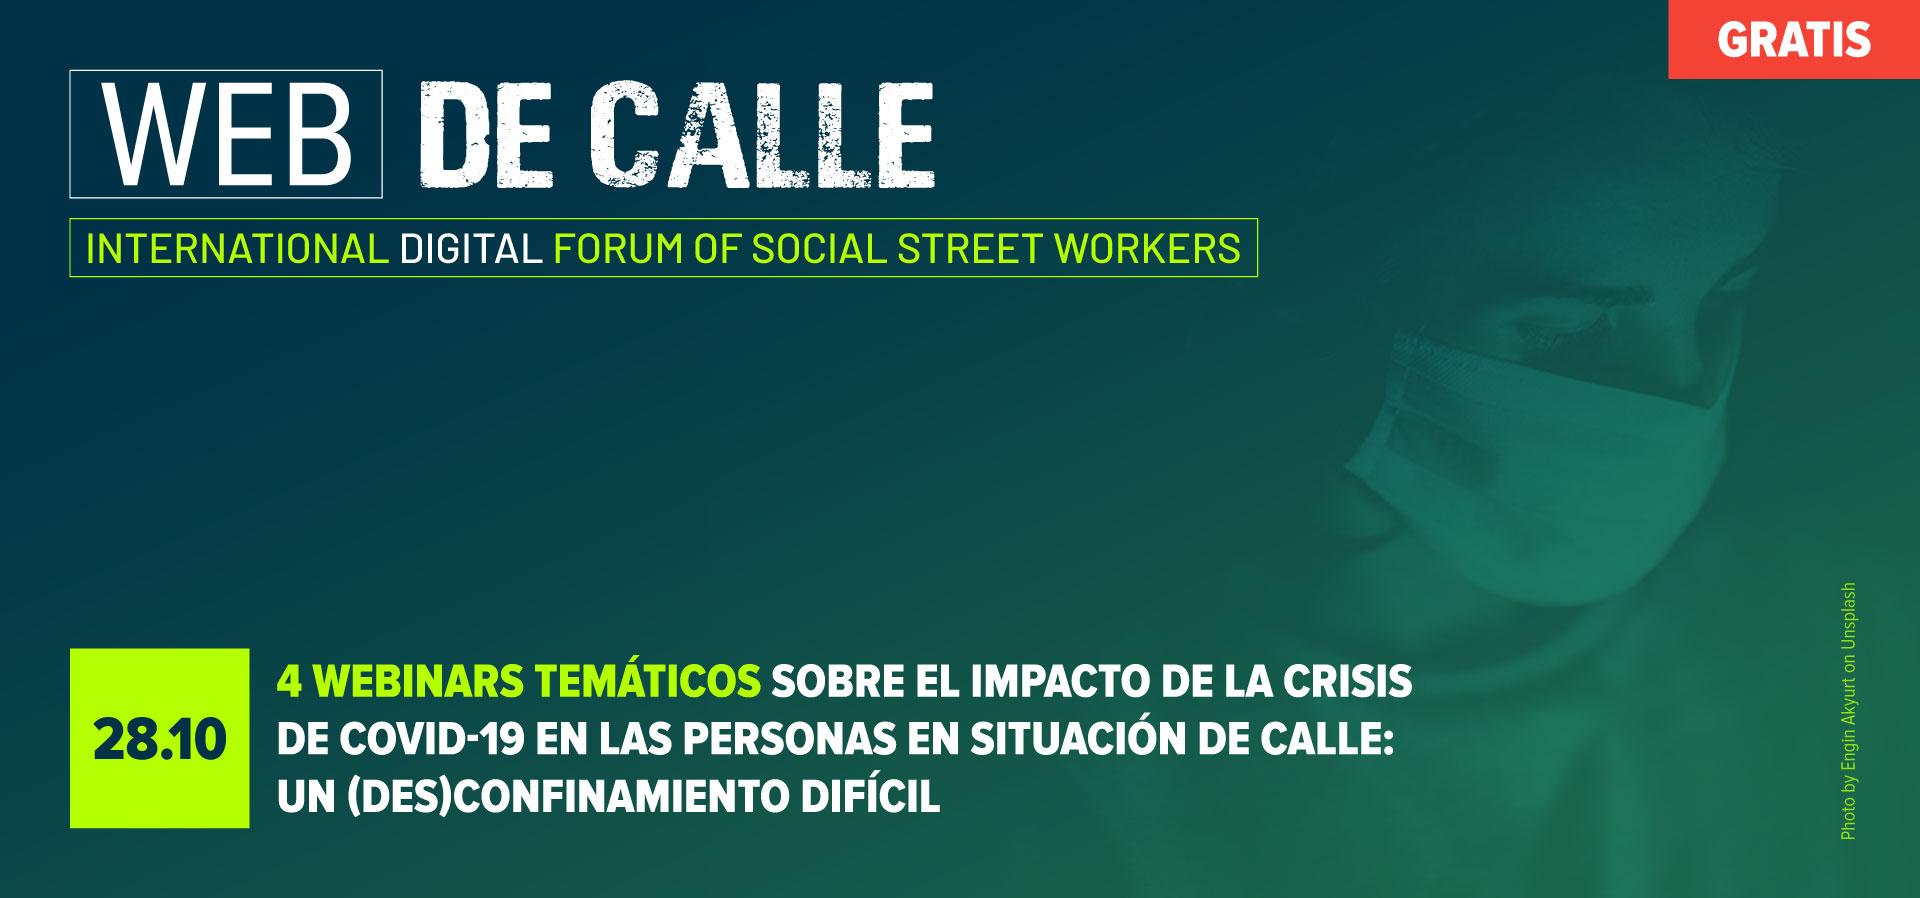 4 WEBINARS TEMÁTICOS sobre el impacto de la crisis de Covid-19 en las personas en situación de calle: un (des)confinamiento difícil